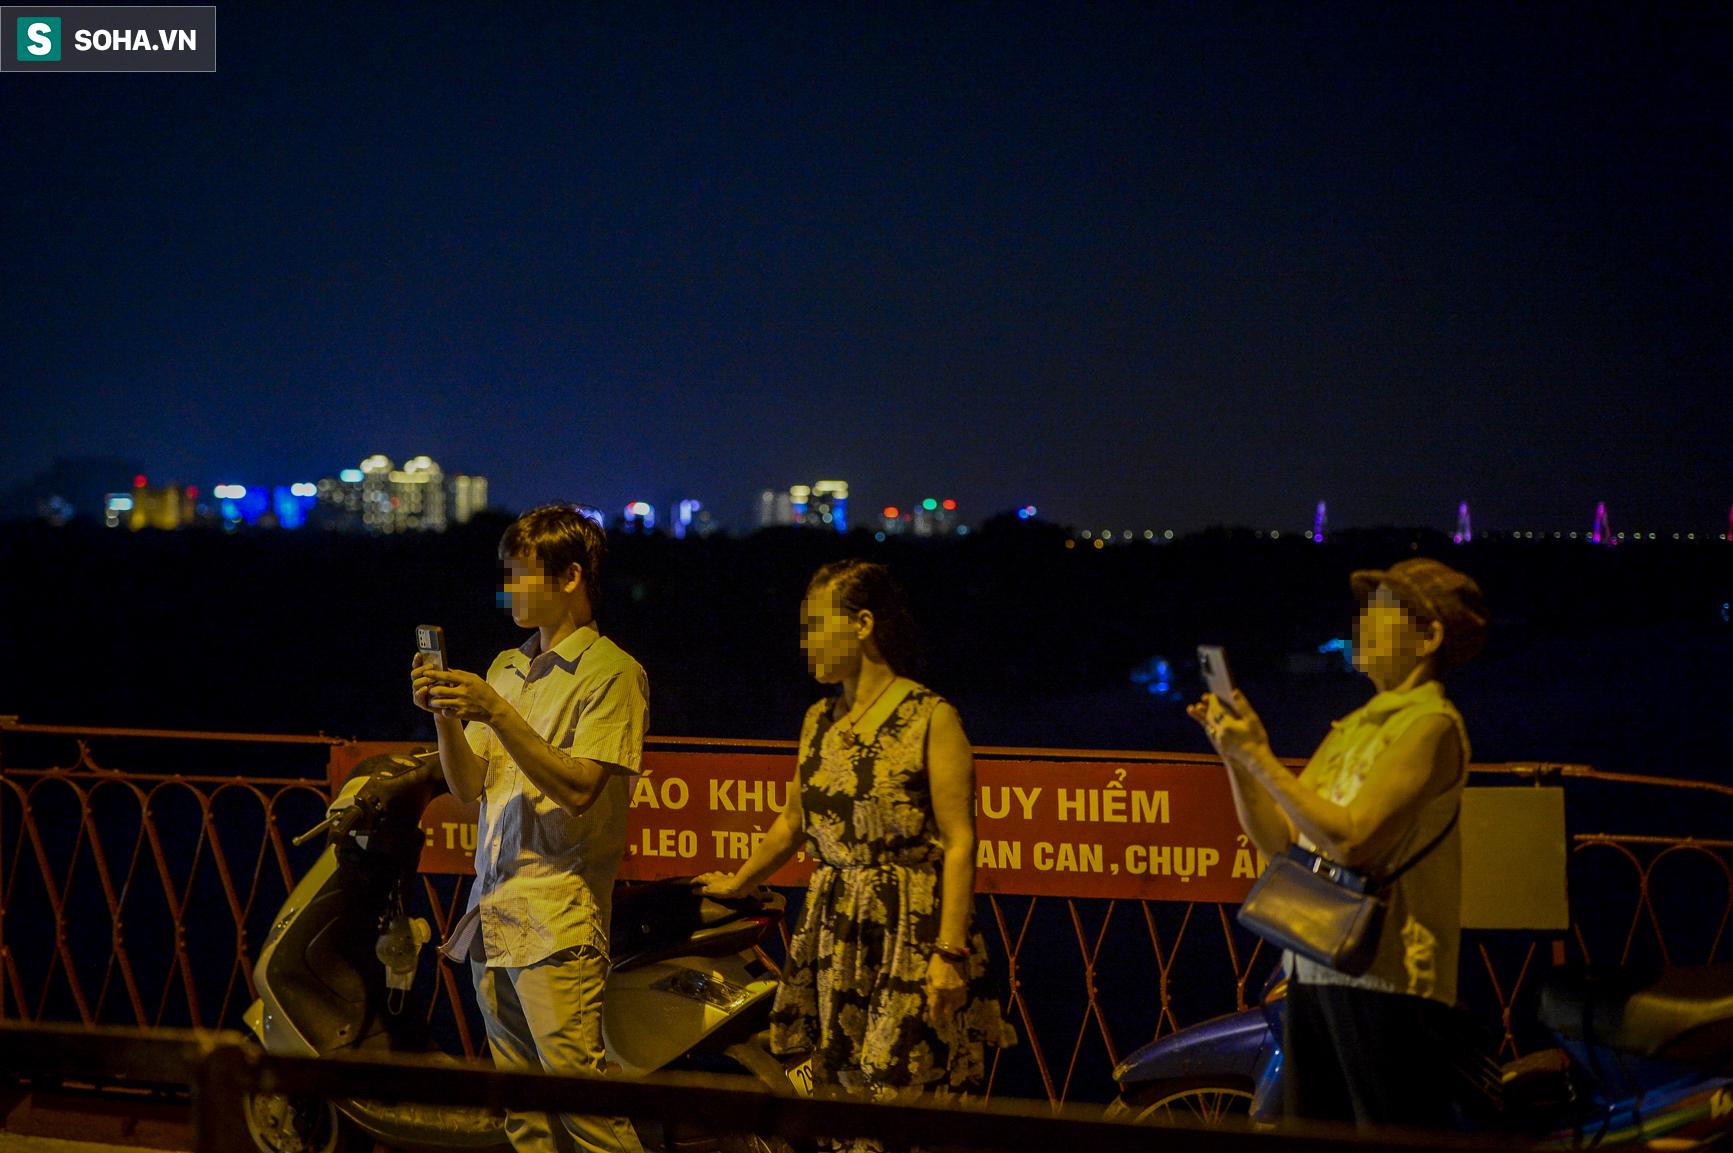 Hà Nội: Nam thanh nữ tú thản nhiên lên cầu Long Biên tâm sự, chụp ảnh, hóng mát bất chấp giãn cách xã hội - Ảnh 11.